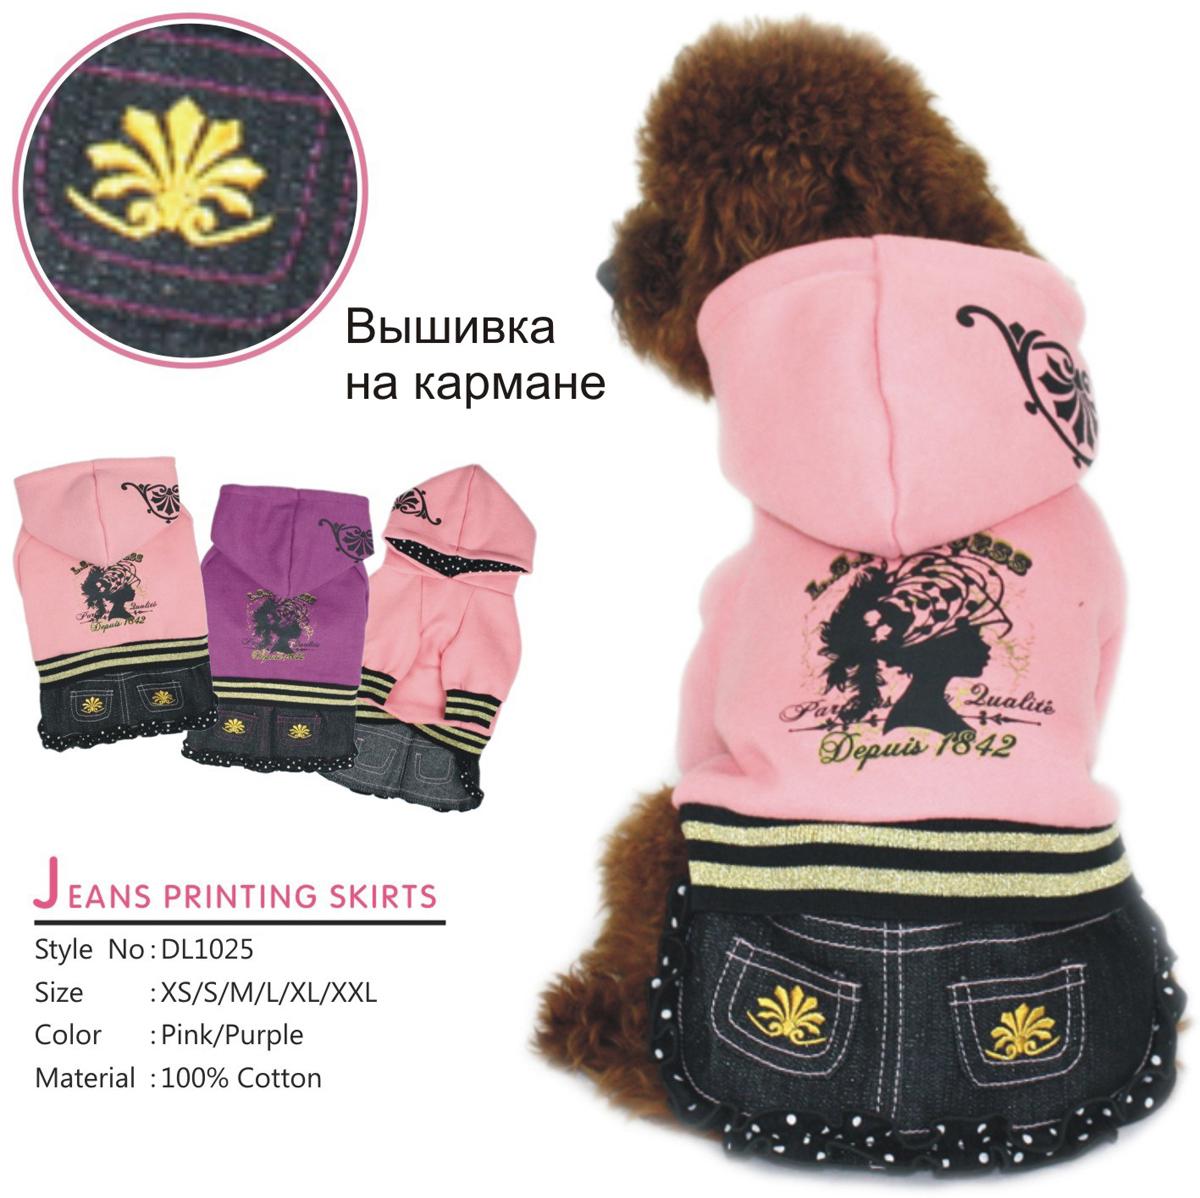 Платье для собак Dobaz, утепленное, цвет: розовый. ДЛ1025АХЛ. Размер XLДЛ1025АХЛПлатье для собак Dobaz выполнено из 100% хлопка. Текстильный верх отлично сочетается с джинсовым низом. Юбочка дополнена рюшами в горошек и двумя карманами с нашивкой. Платье имеет капюшон. В таком платье ваша собачка будет самой стильной. Обхват шеи: 34 см.Обхват груди: 54 см.Длина спинки: 36 см.Одежда для собак: нужна ли она и как её выбрать. Статья OZON Гид